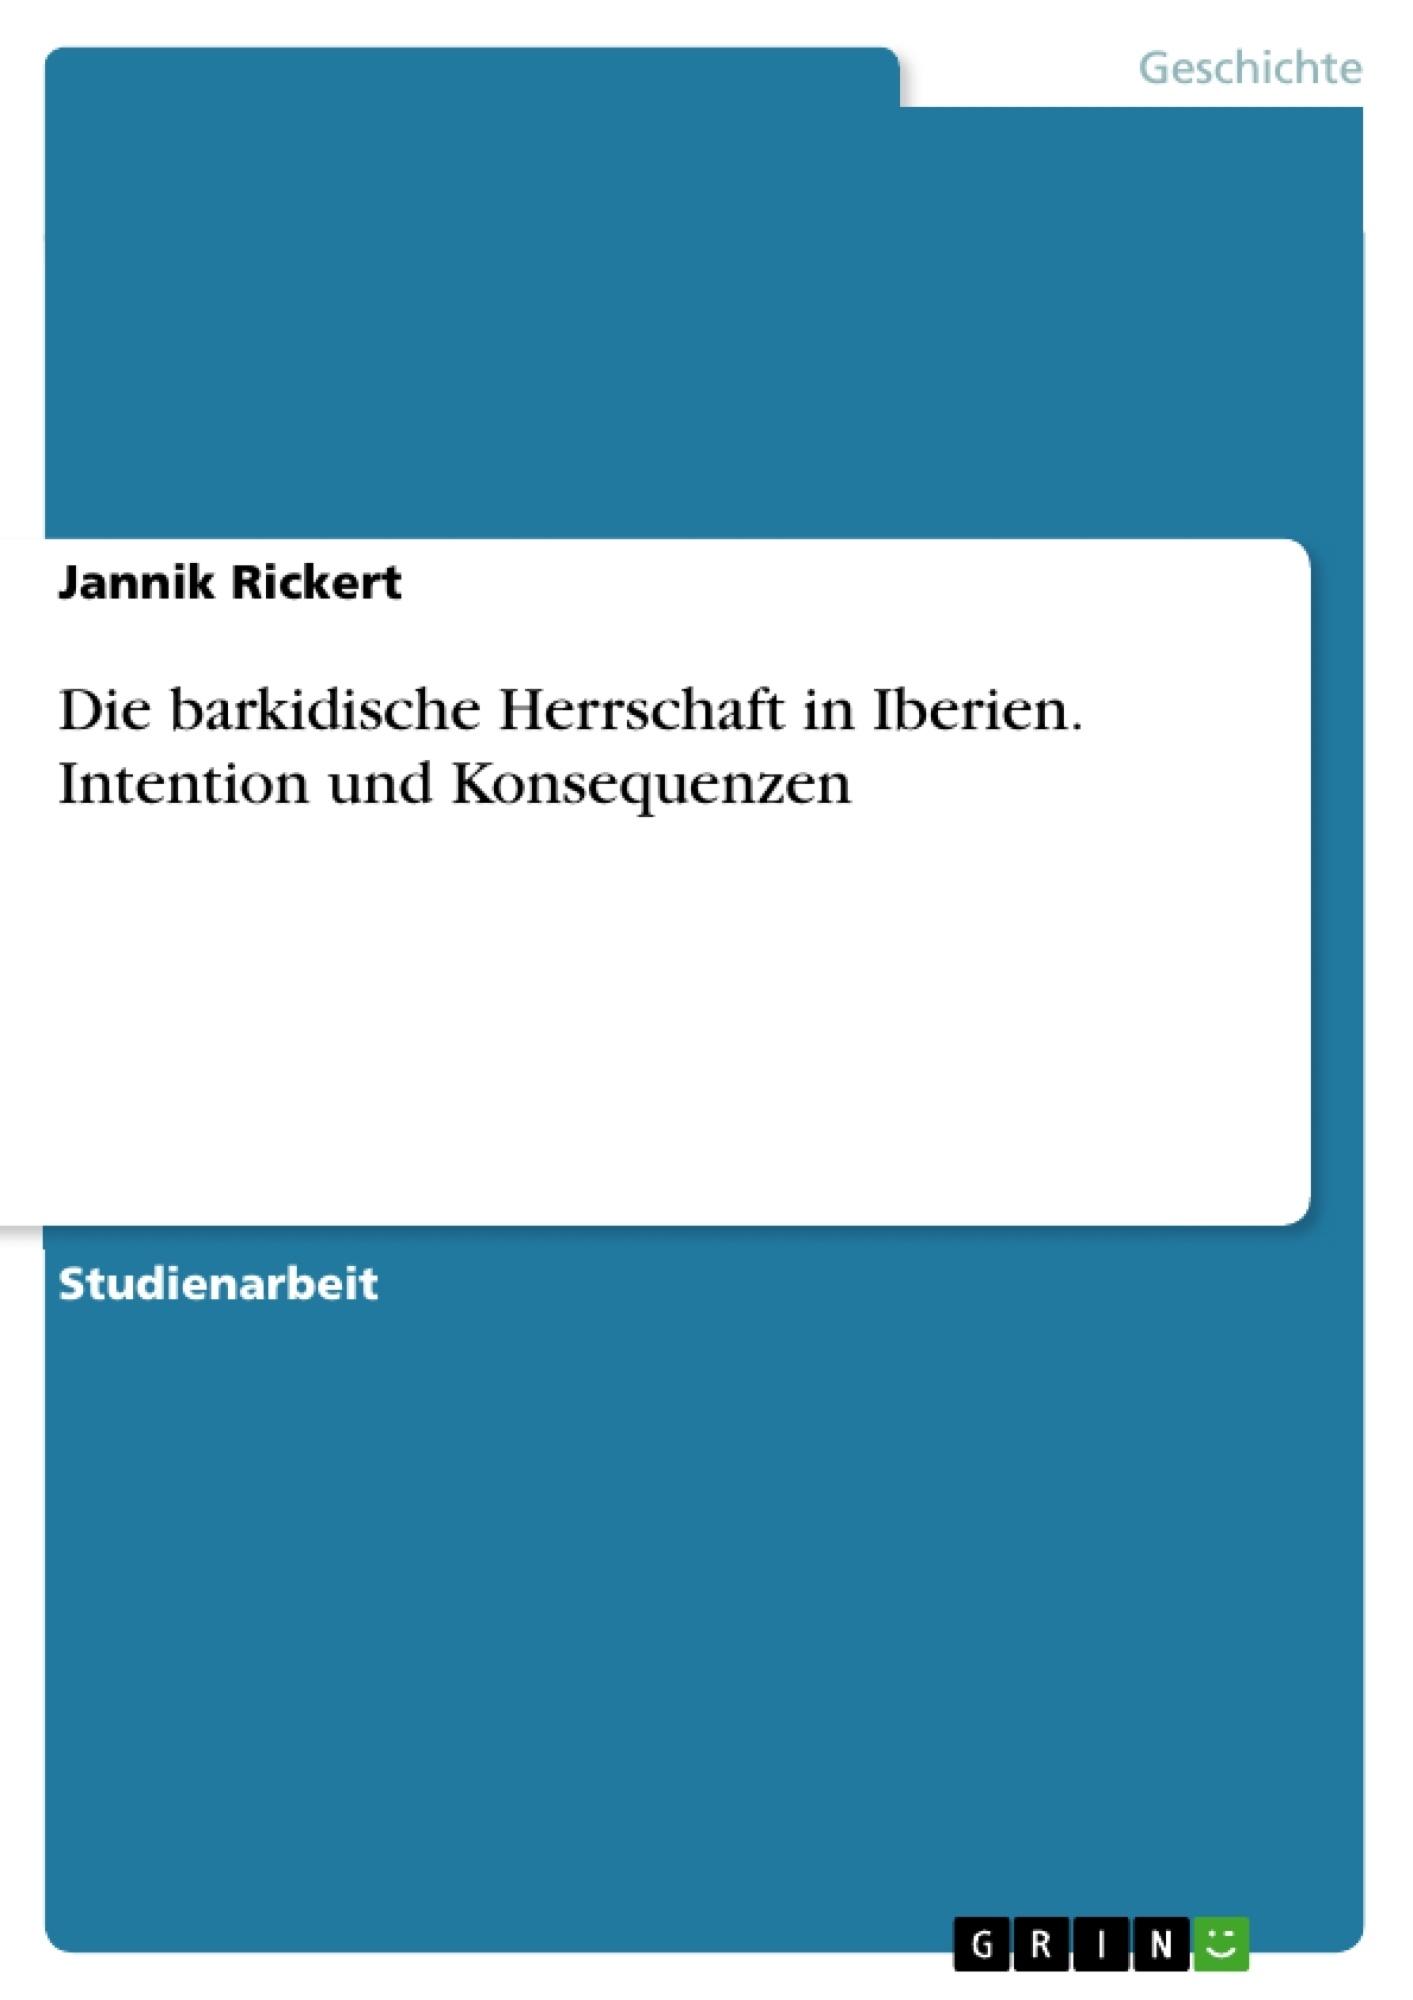 Titel: Die barkidische Herrschaft in Iberien. Intention und Konsequenzen